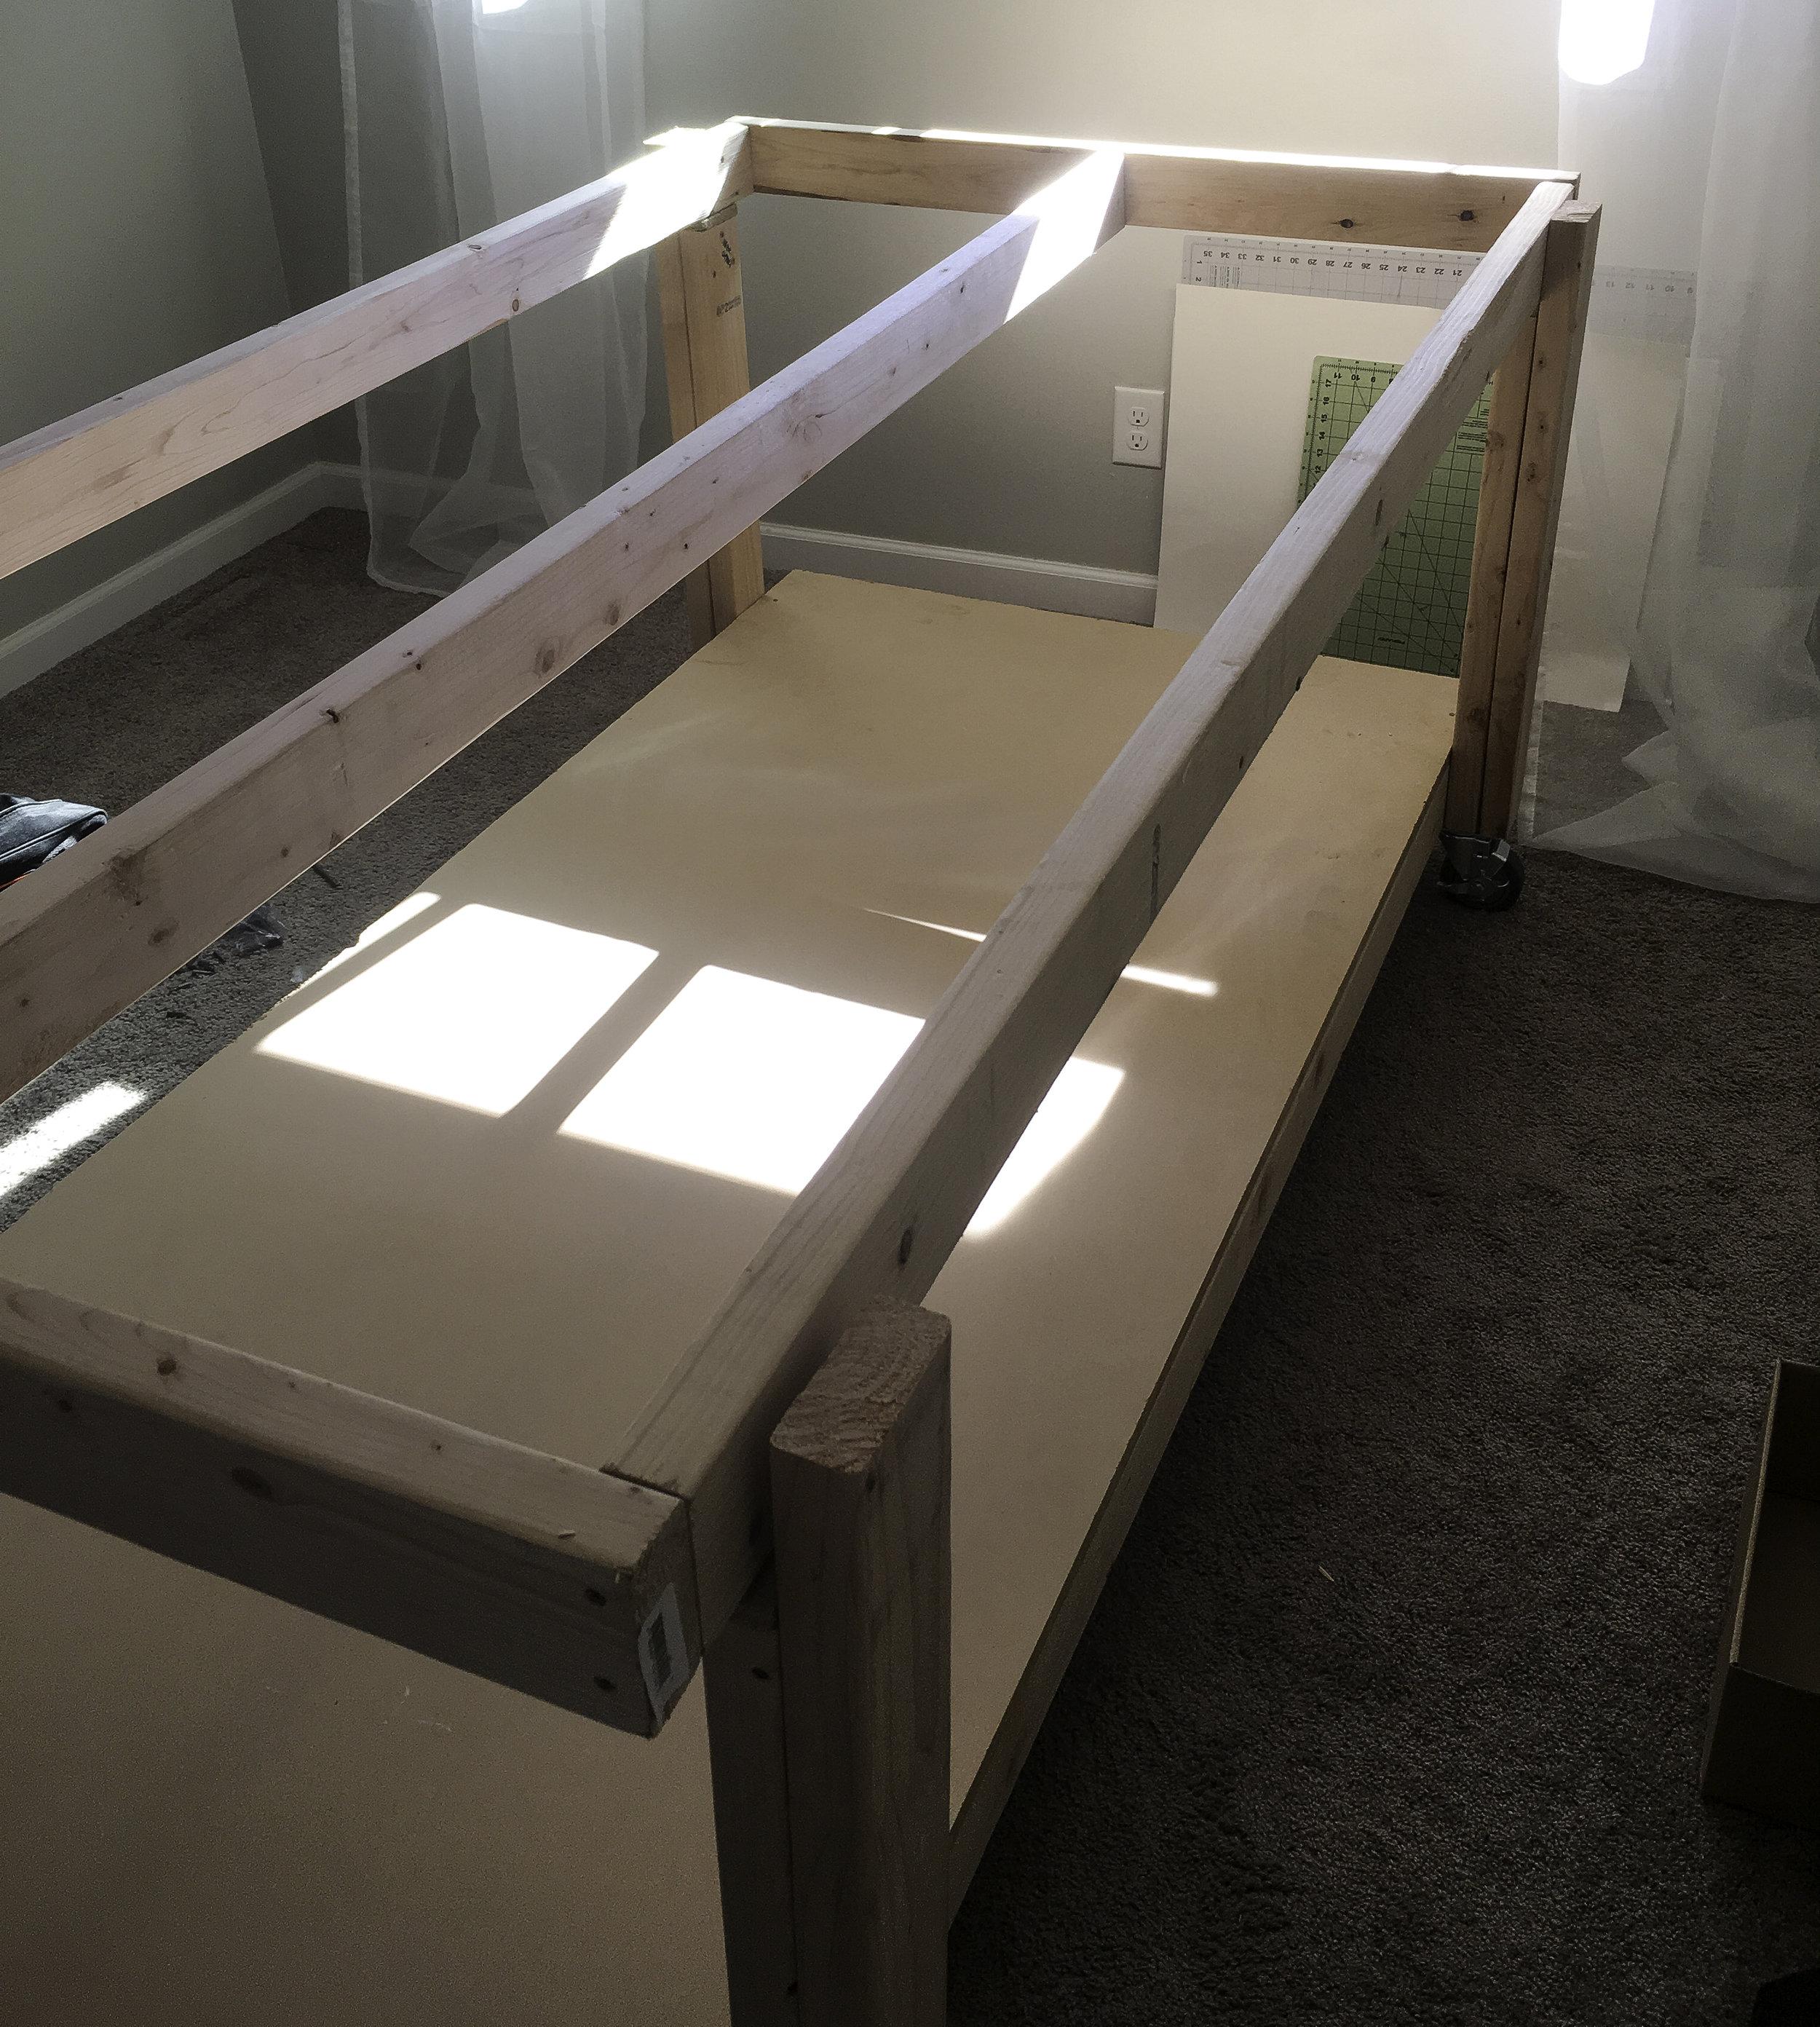 custom-ironing-table-beams-points-of-measure.jpg